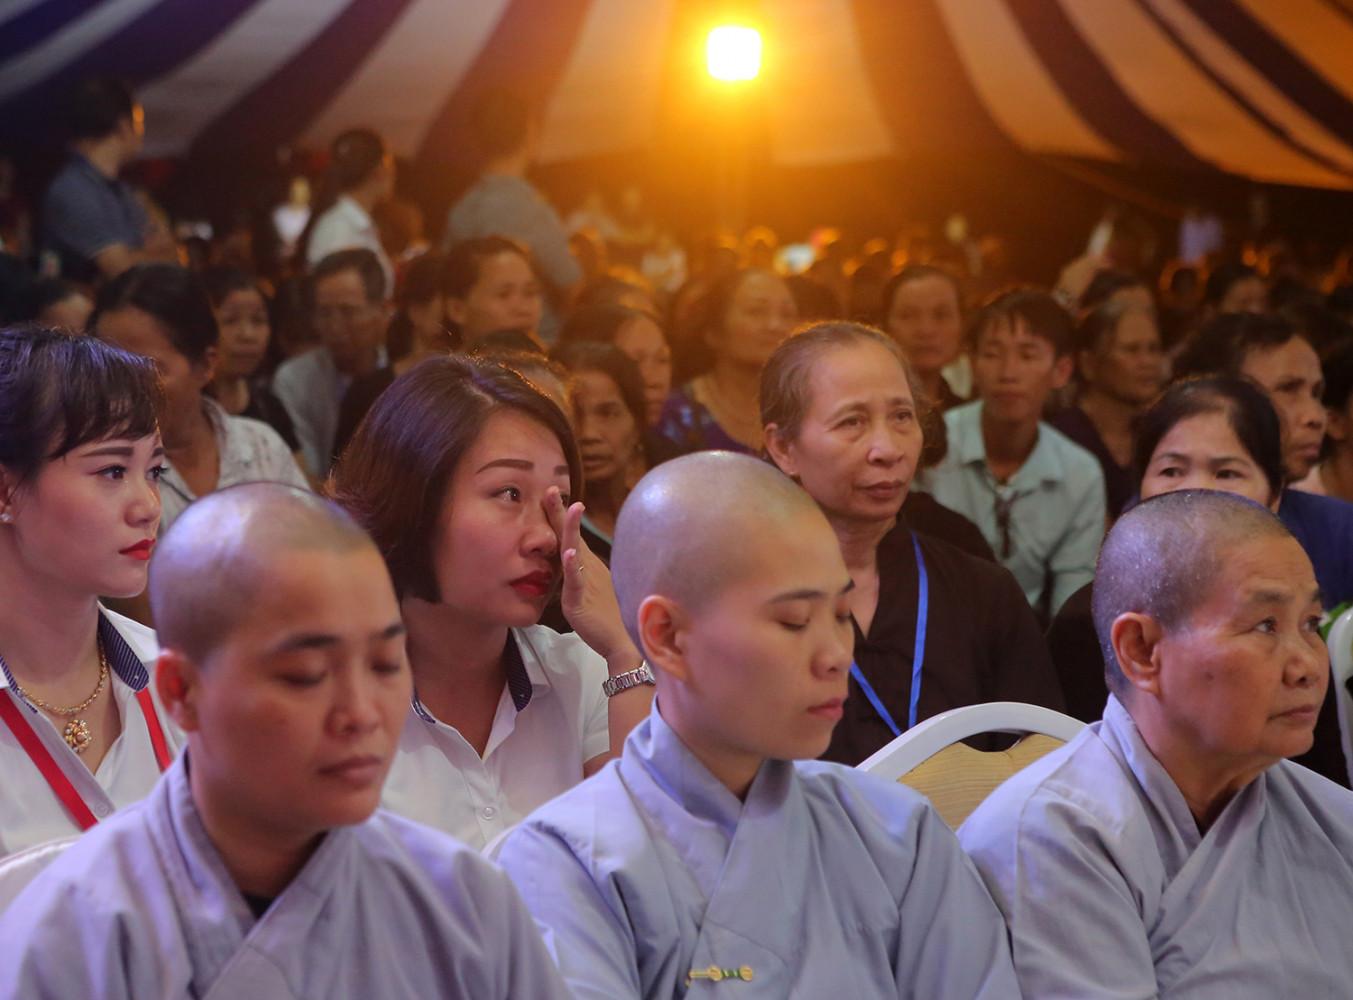 Chuyện kể của Đại đức Thích Đức Nguyên đã lay động trái tim của hơn 2 nghìn phật tử dự Lễ Vu Lan Báo hiếu tại chùa Kim Sơn Lạc Hồng.